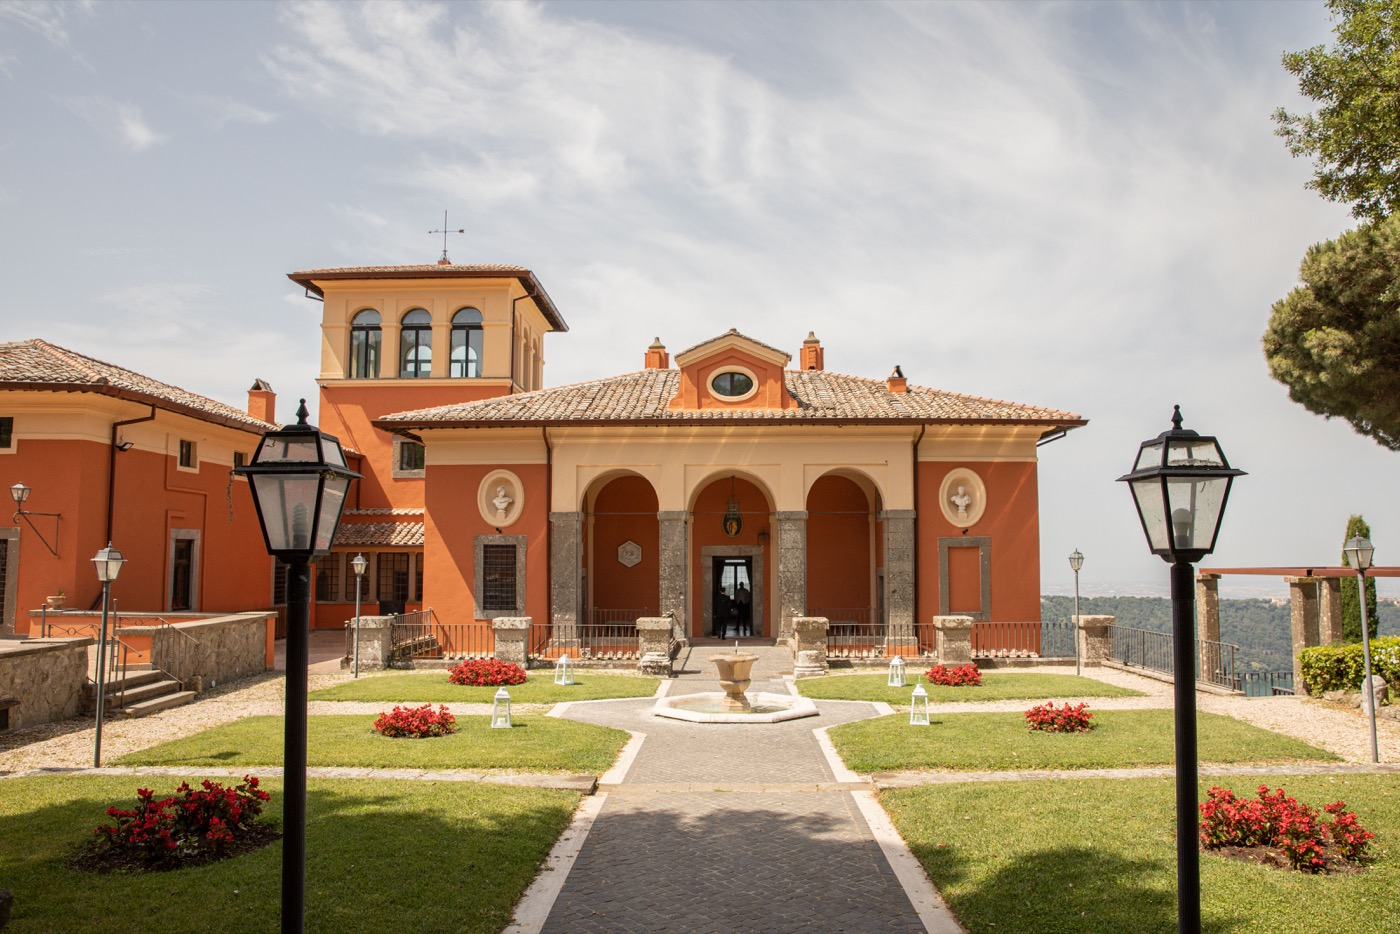 Claudio-Coppola-wedding-photographer-villa-del-cardinale-rocca-di-papa-castel-gandolfo-1